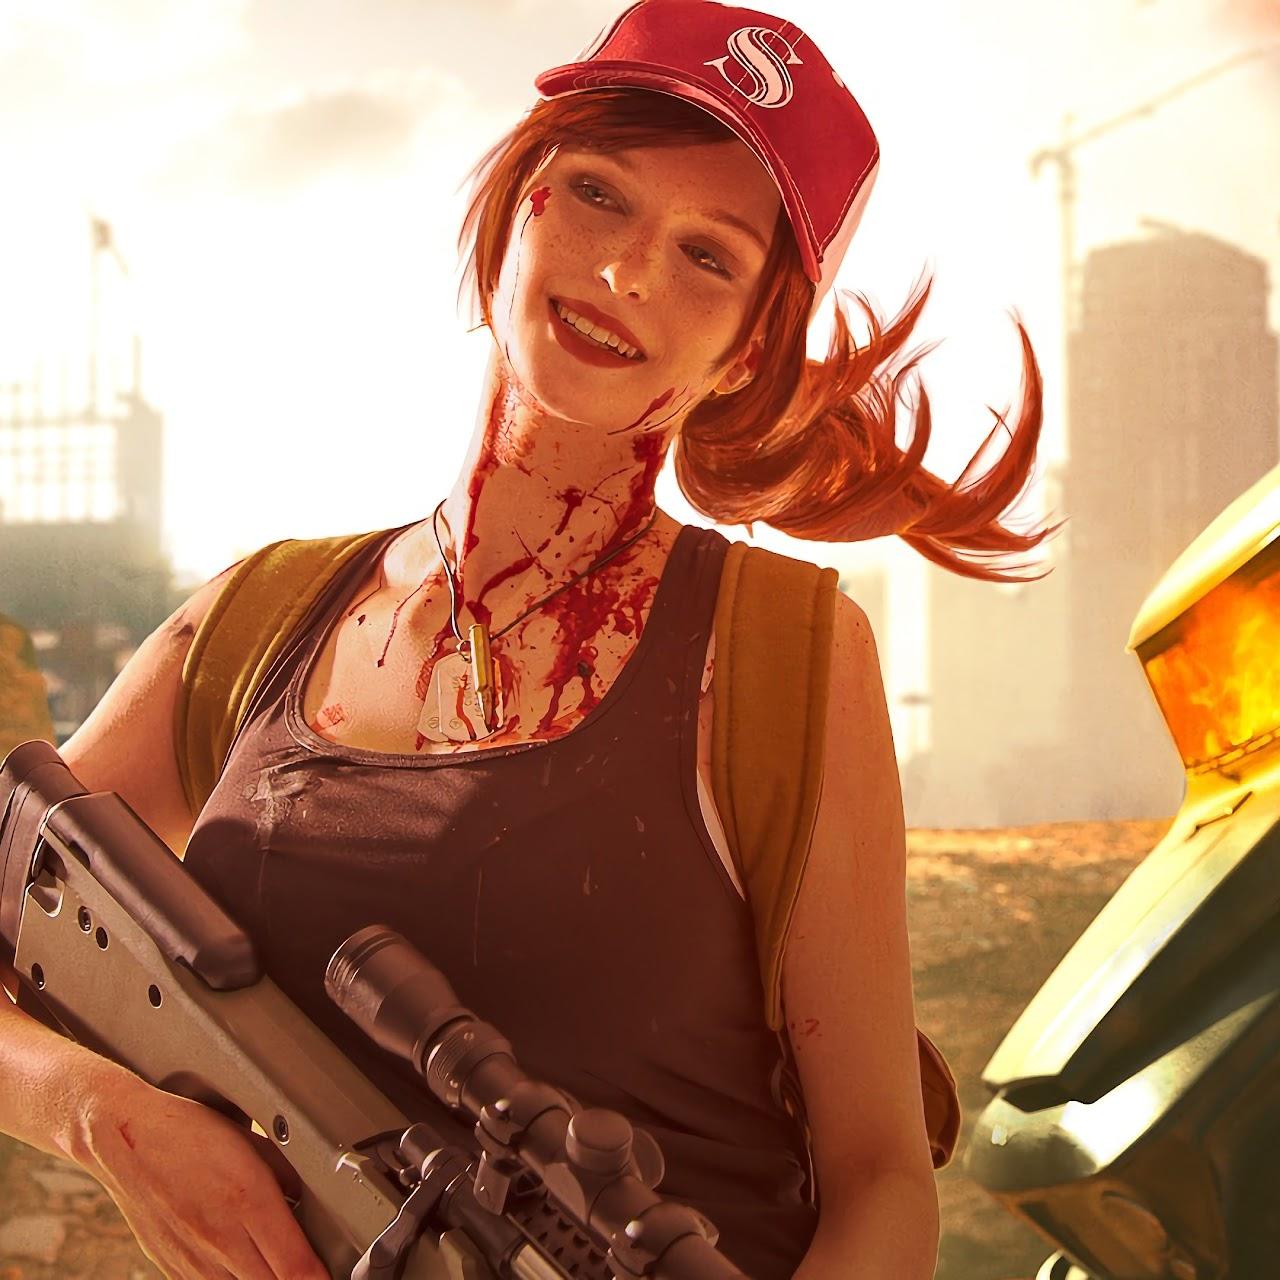 PUBG, Girl, PlayerUnknown's Battlegrounds, 4K, #138 Wallpaper